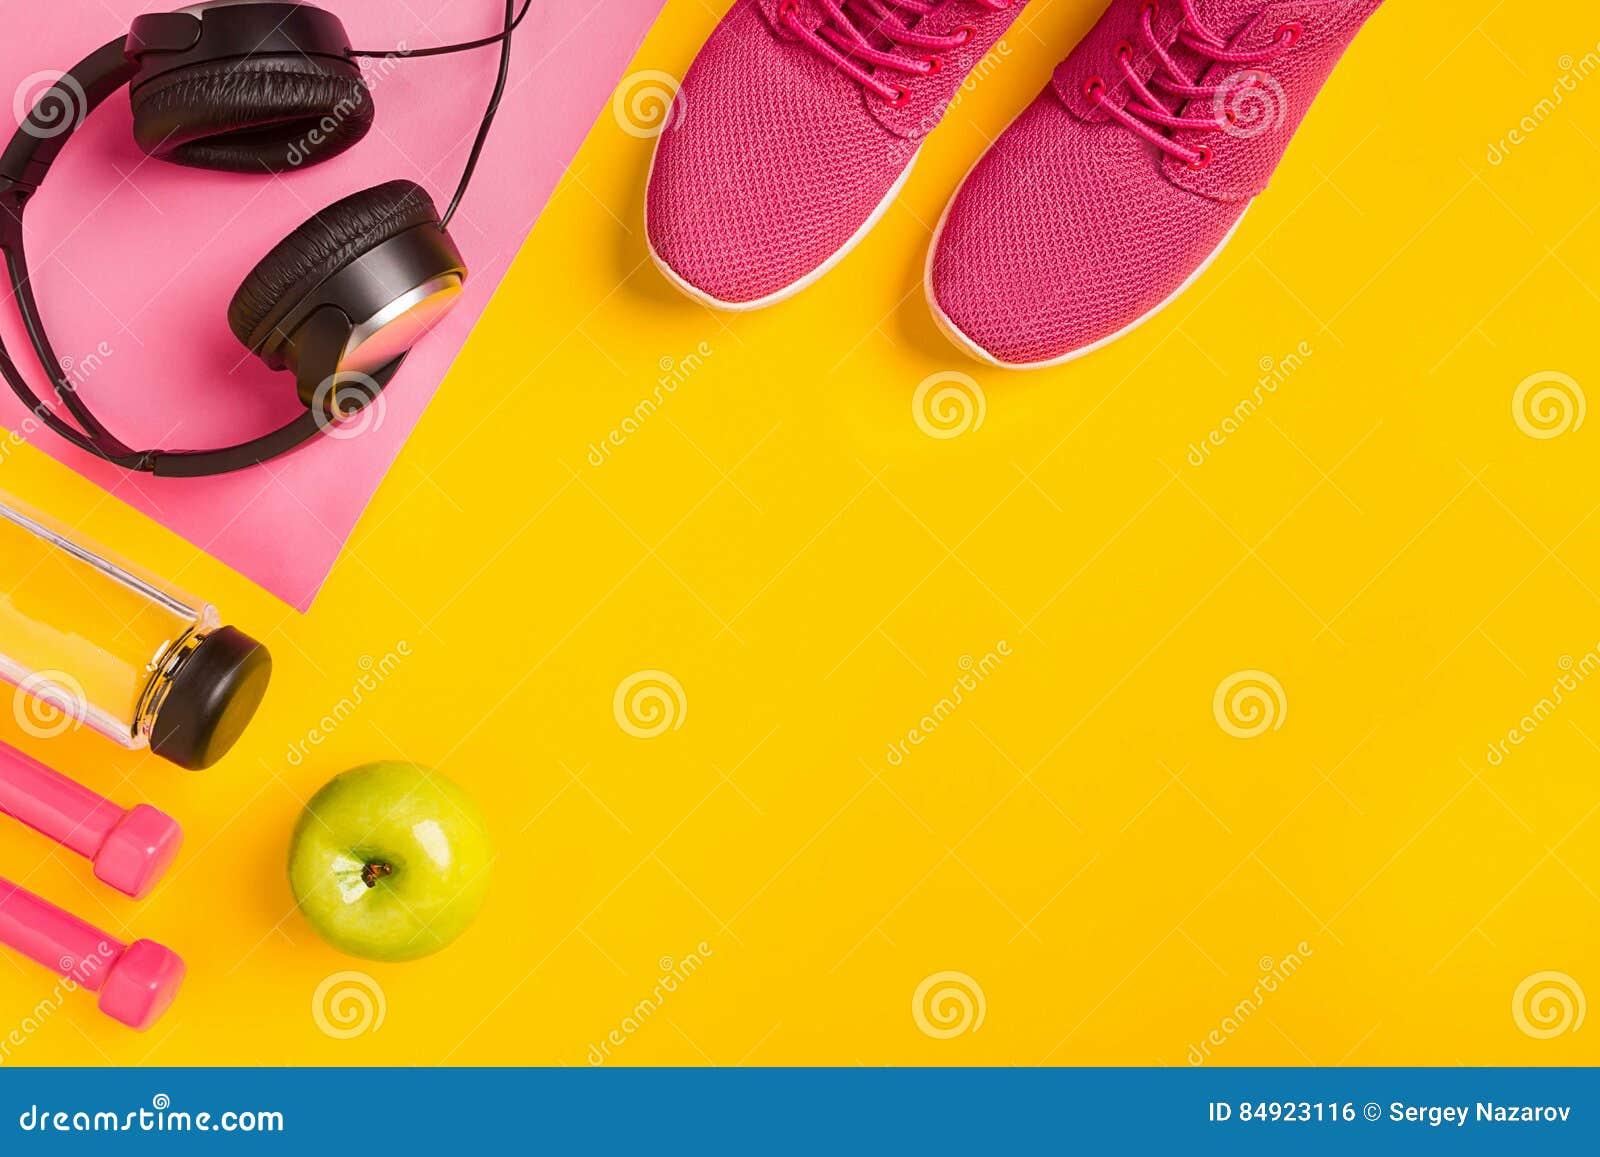 Εξαρτήματα ικανότητας σε ένα κίτρινο υπόβαθρο Πάνινα παπούτσια, μπουκάλι νερό, ακουστικά και αλτήρες